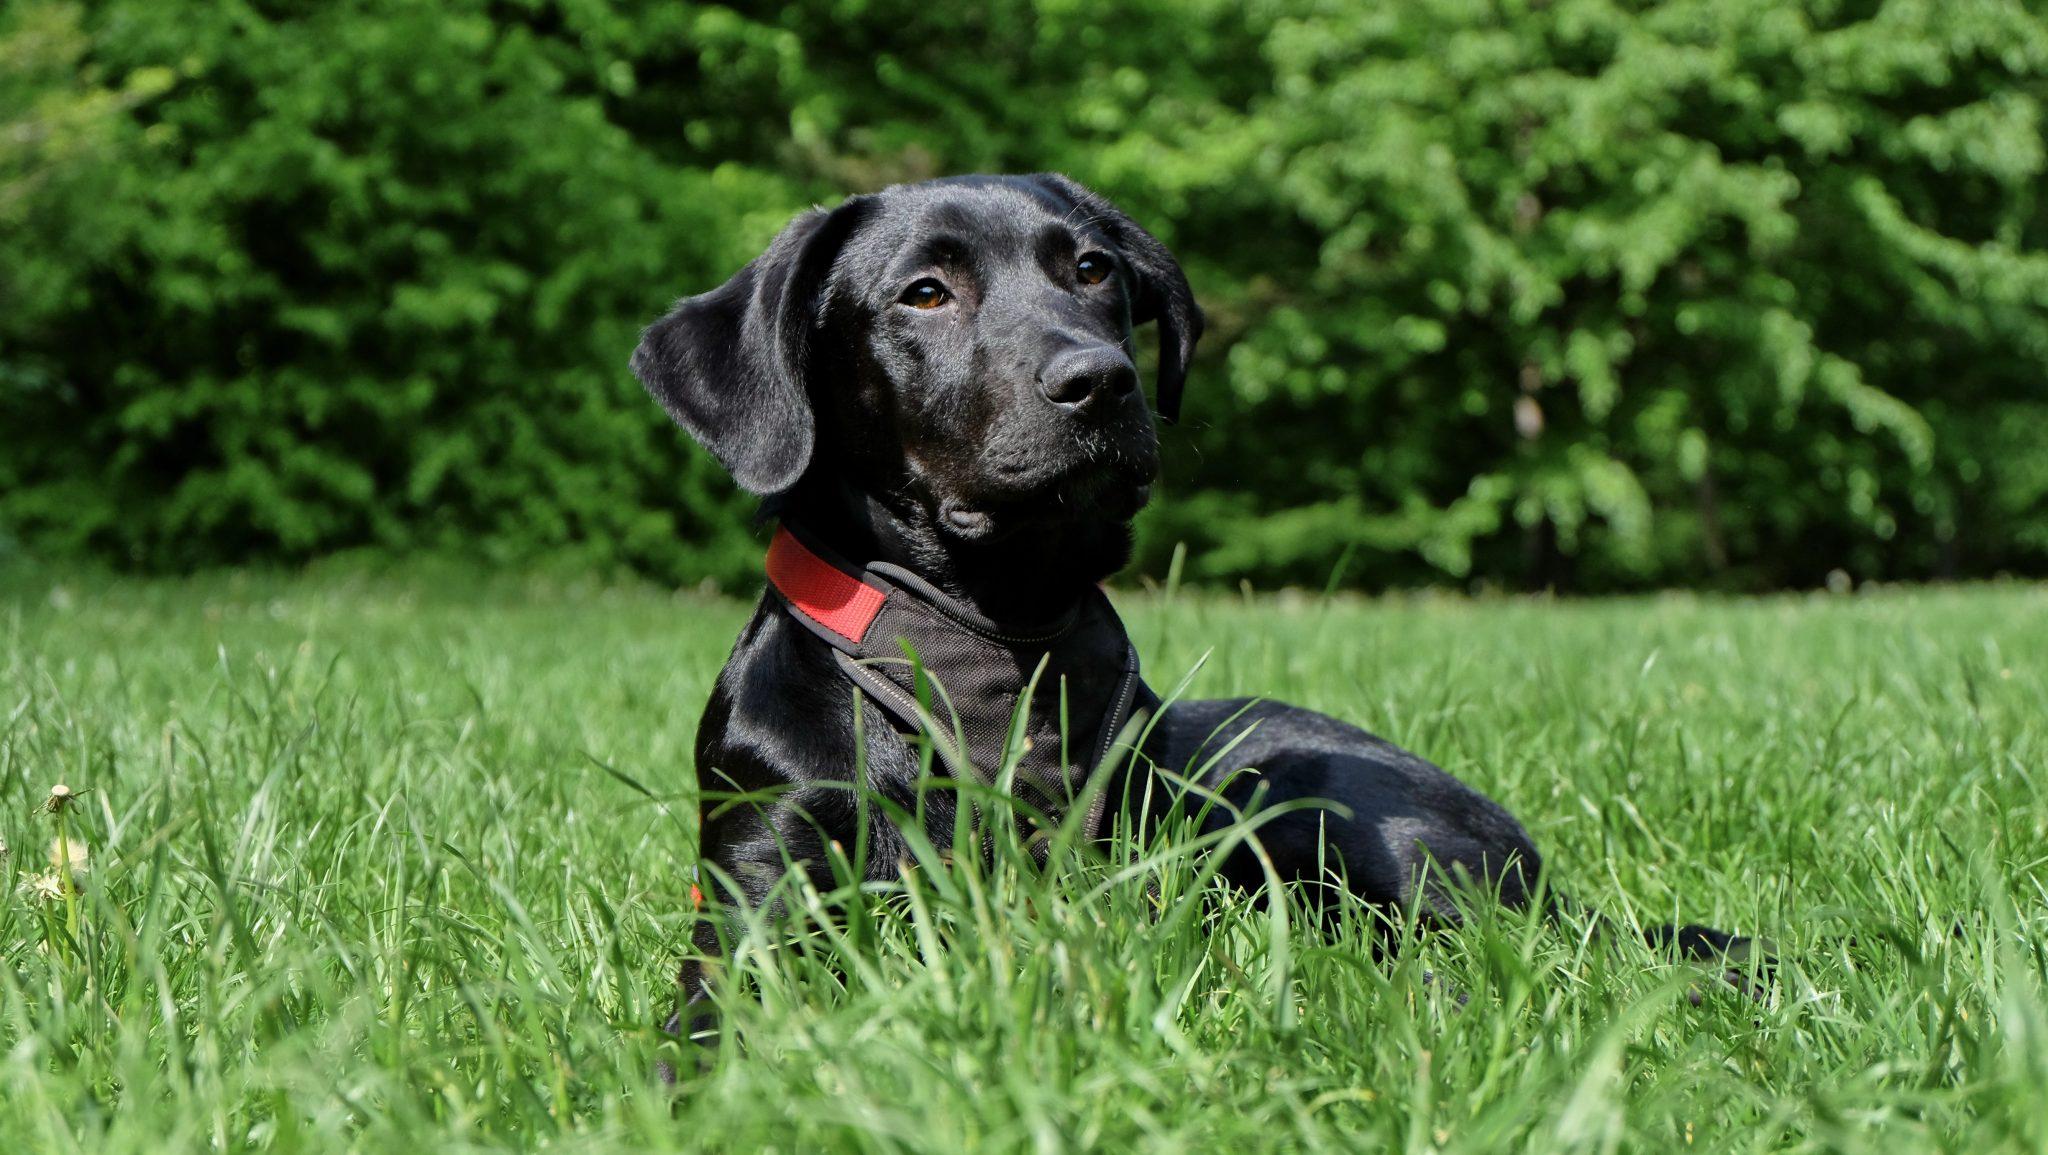 animal black breed 162149 - No todos los perros son iguales, incluso, los de la misma raza